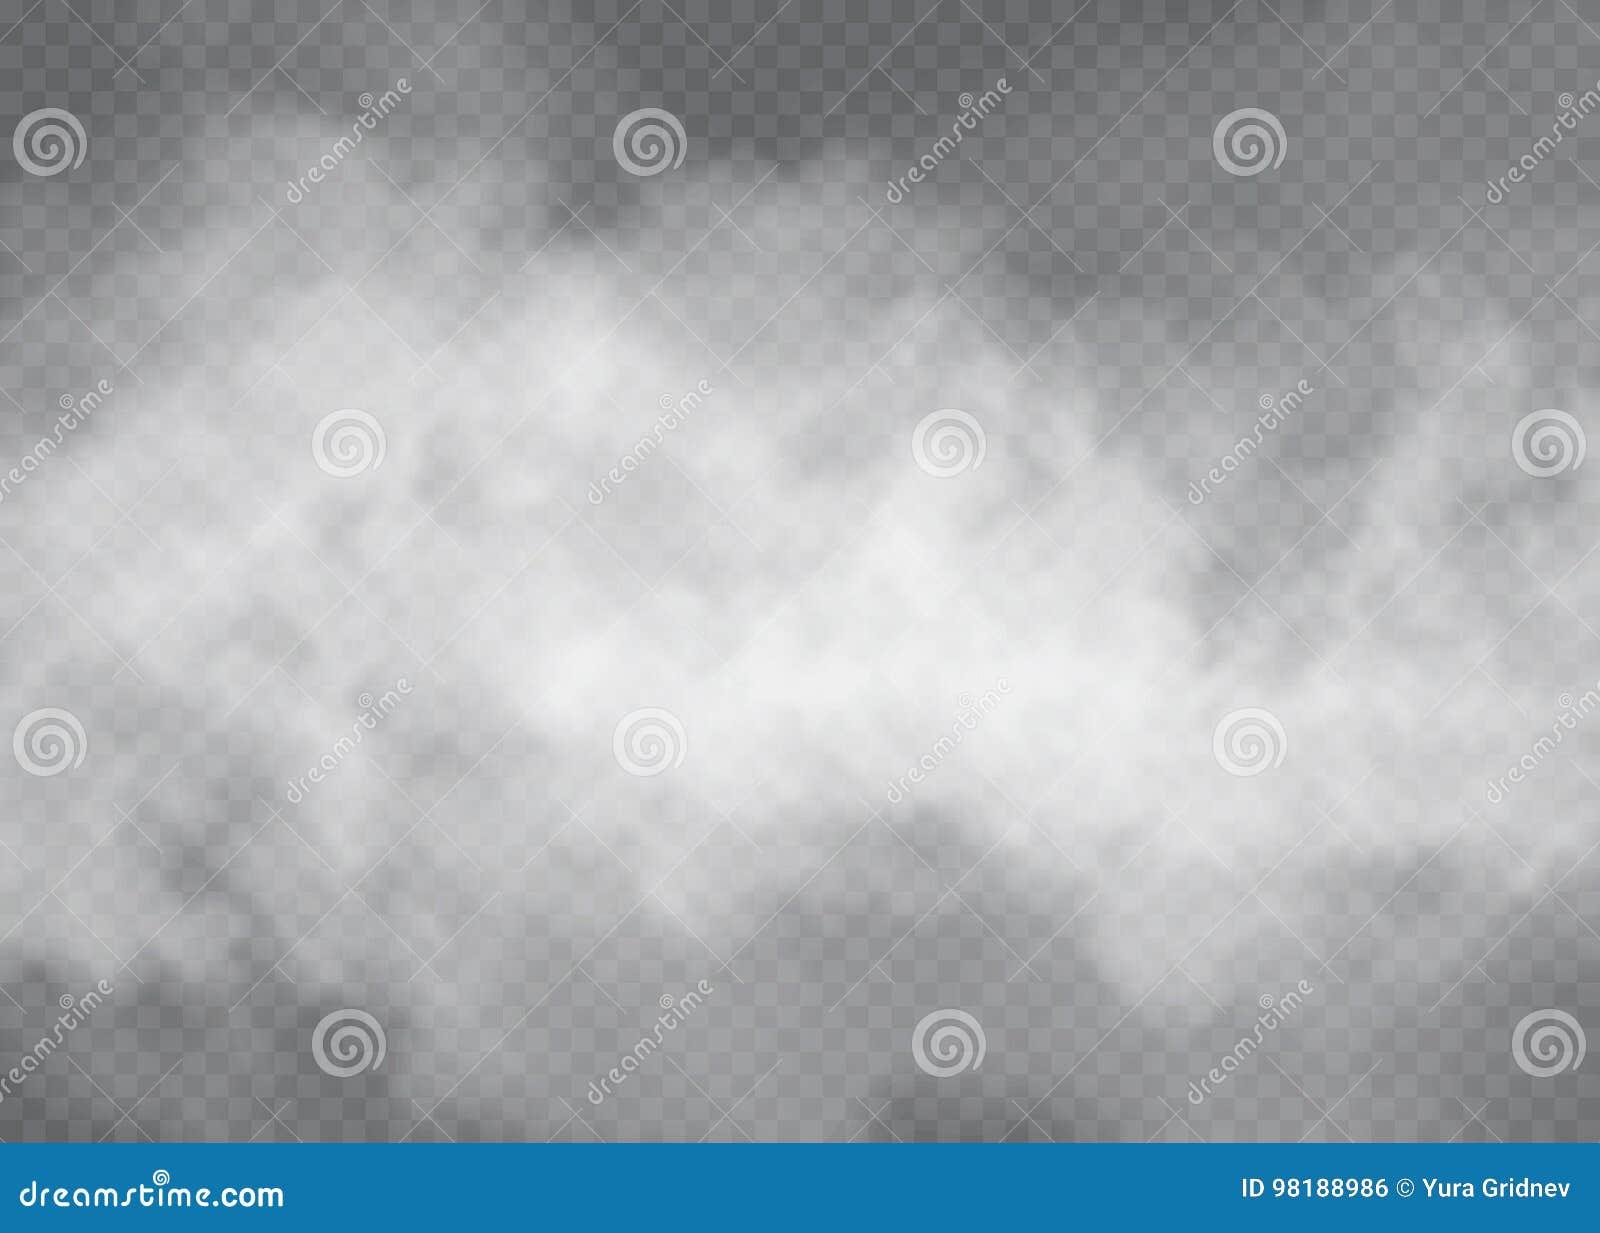 Genomskinlig specialeffekt för dimma eller för rök Vit molnighet-, mist- eller smogbakgrund också vektor för coreldrawillustratio